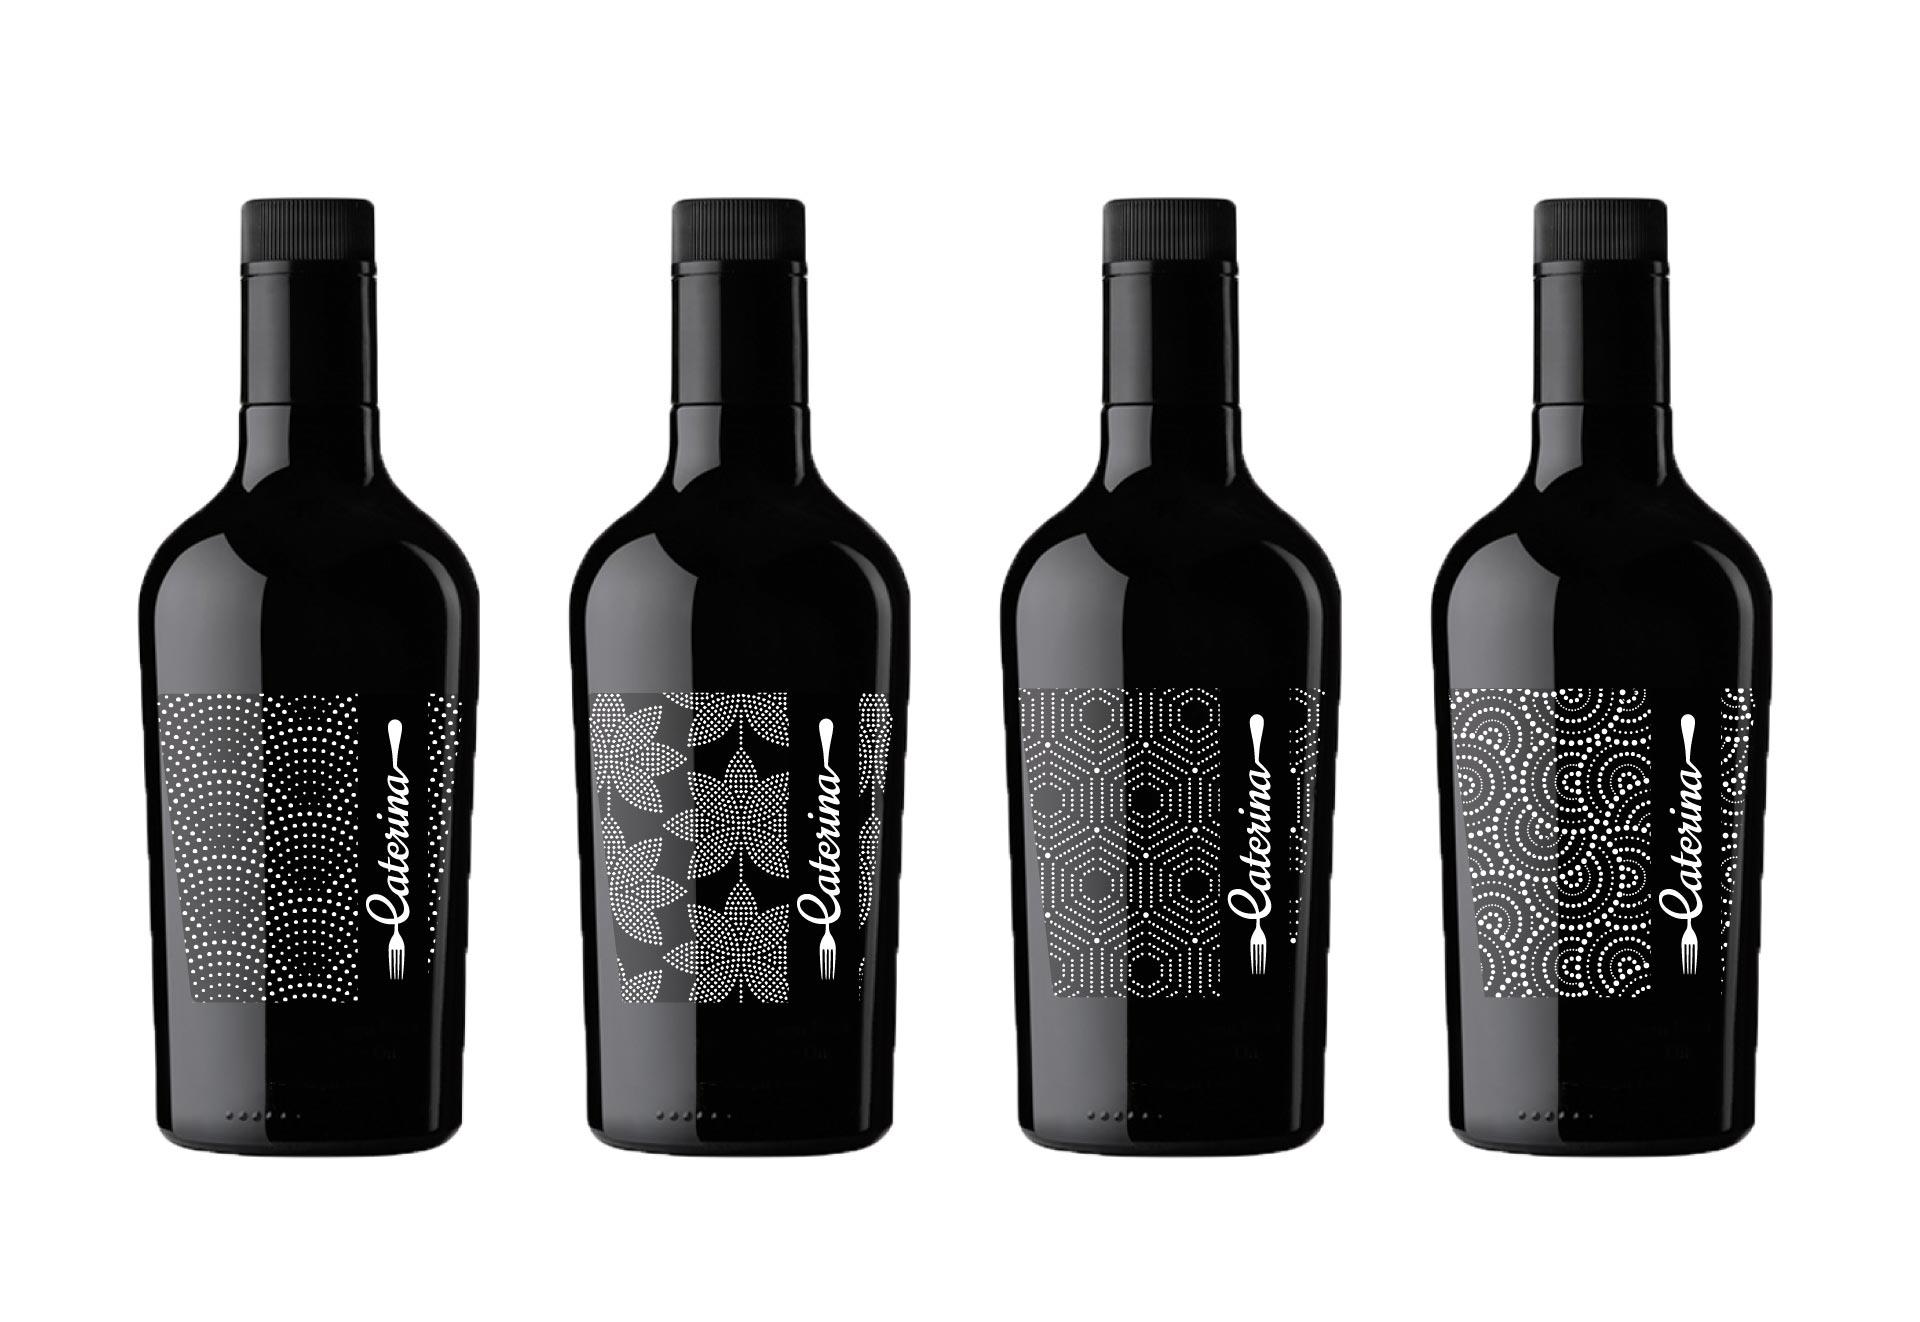 Bottiglie-olio-edizione-limitata-00